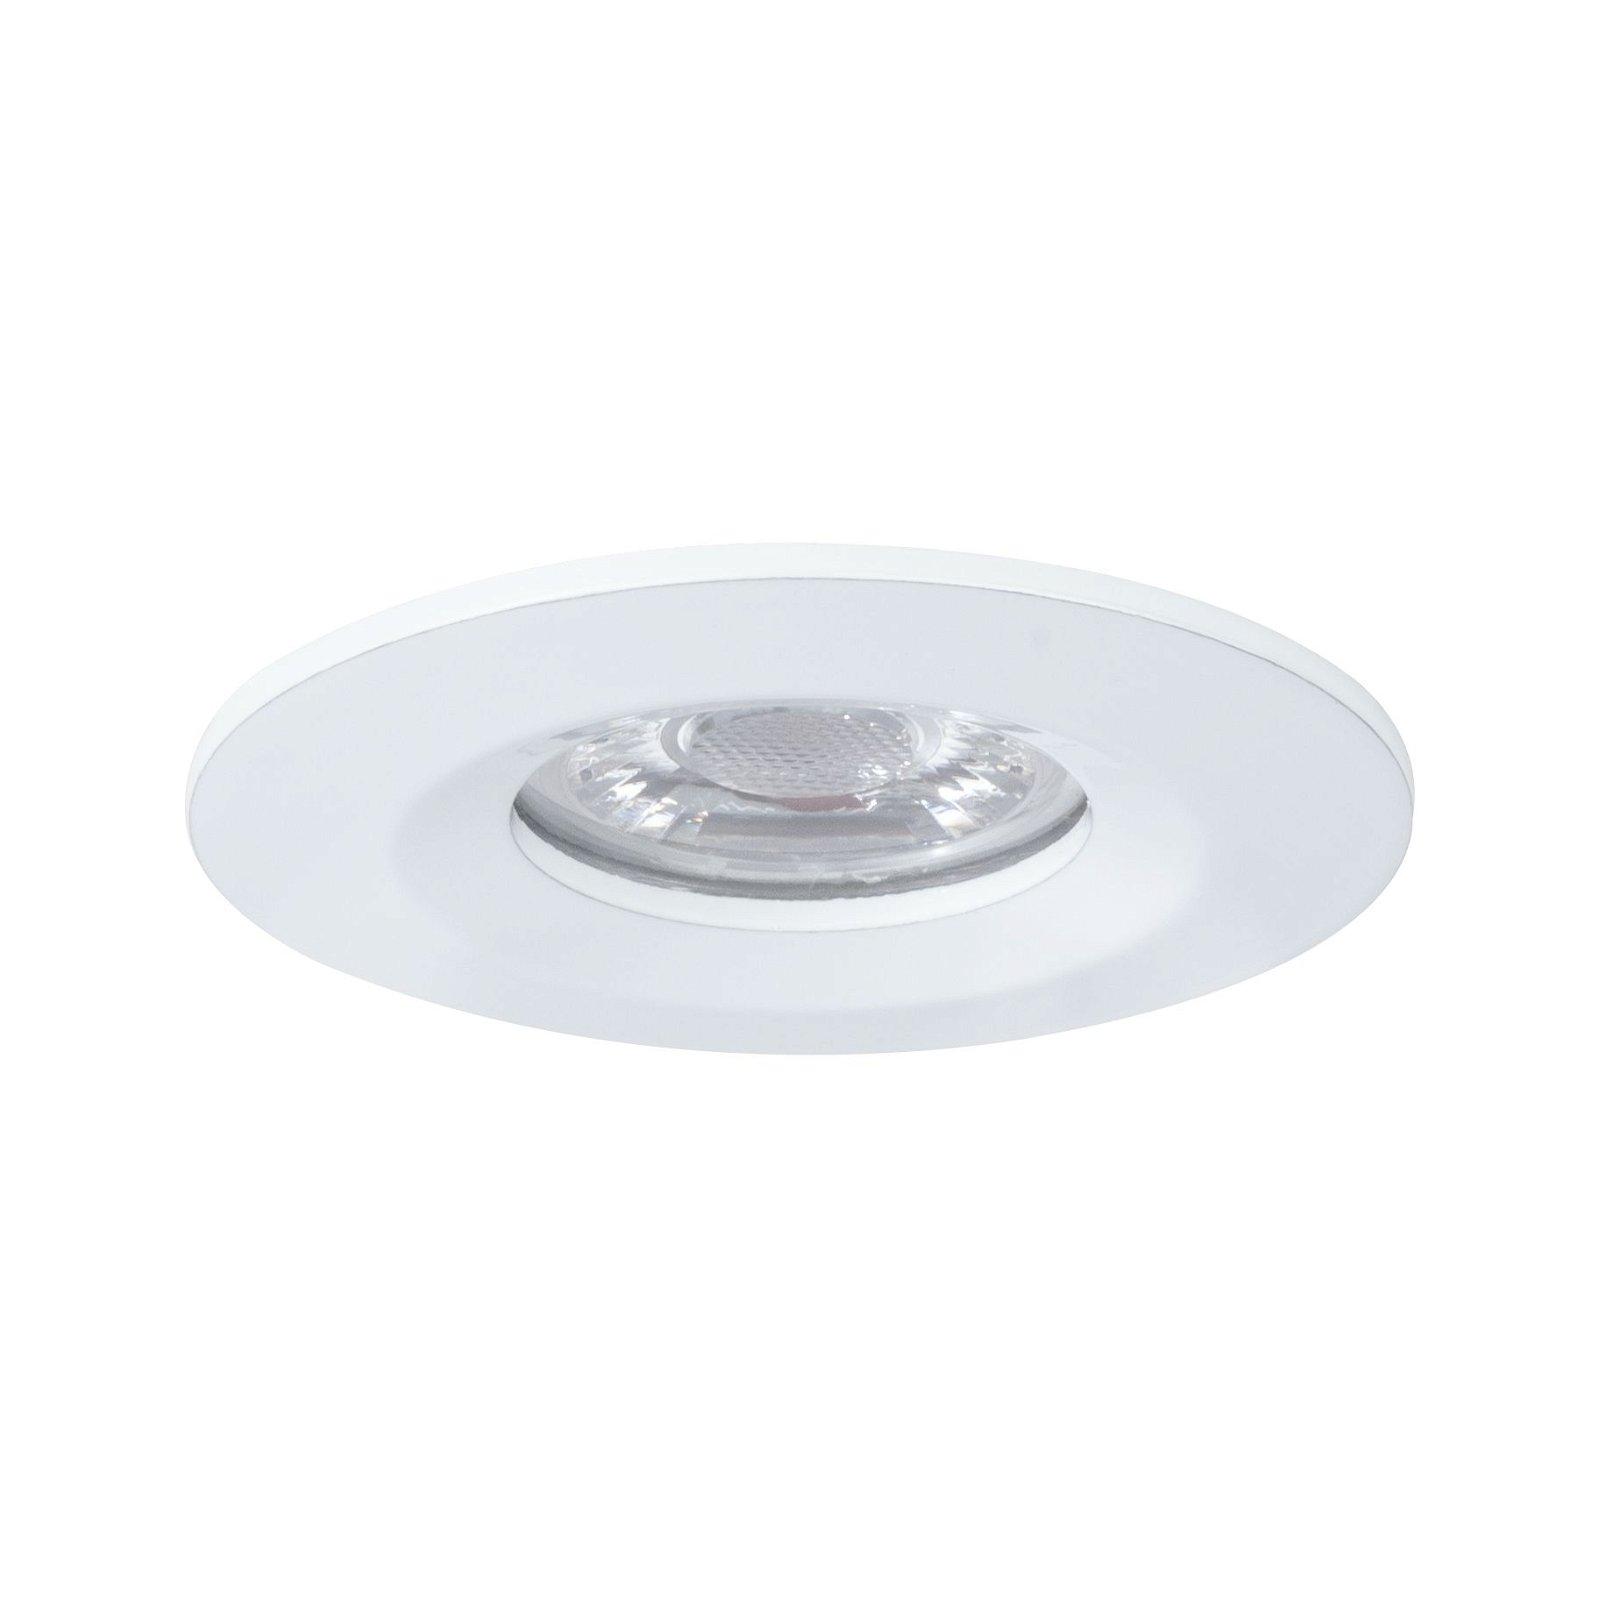 LED Einbauleuchte Nova Mini Coin Einzelleuchte starr IP44 rund 65mm Coin 4W 310lm 230V 2700K Weiß matt